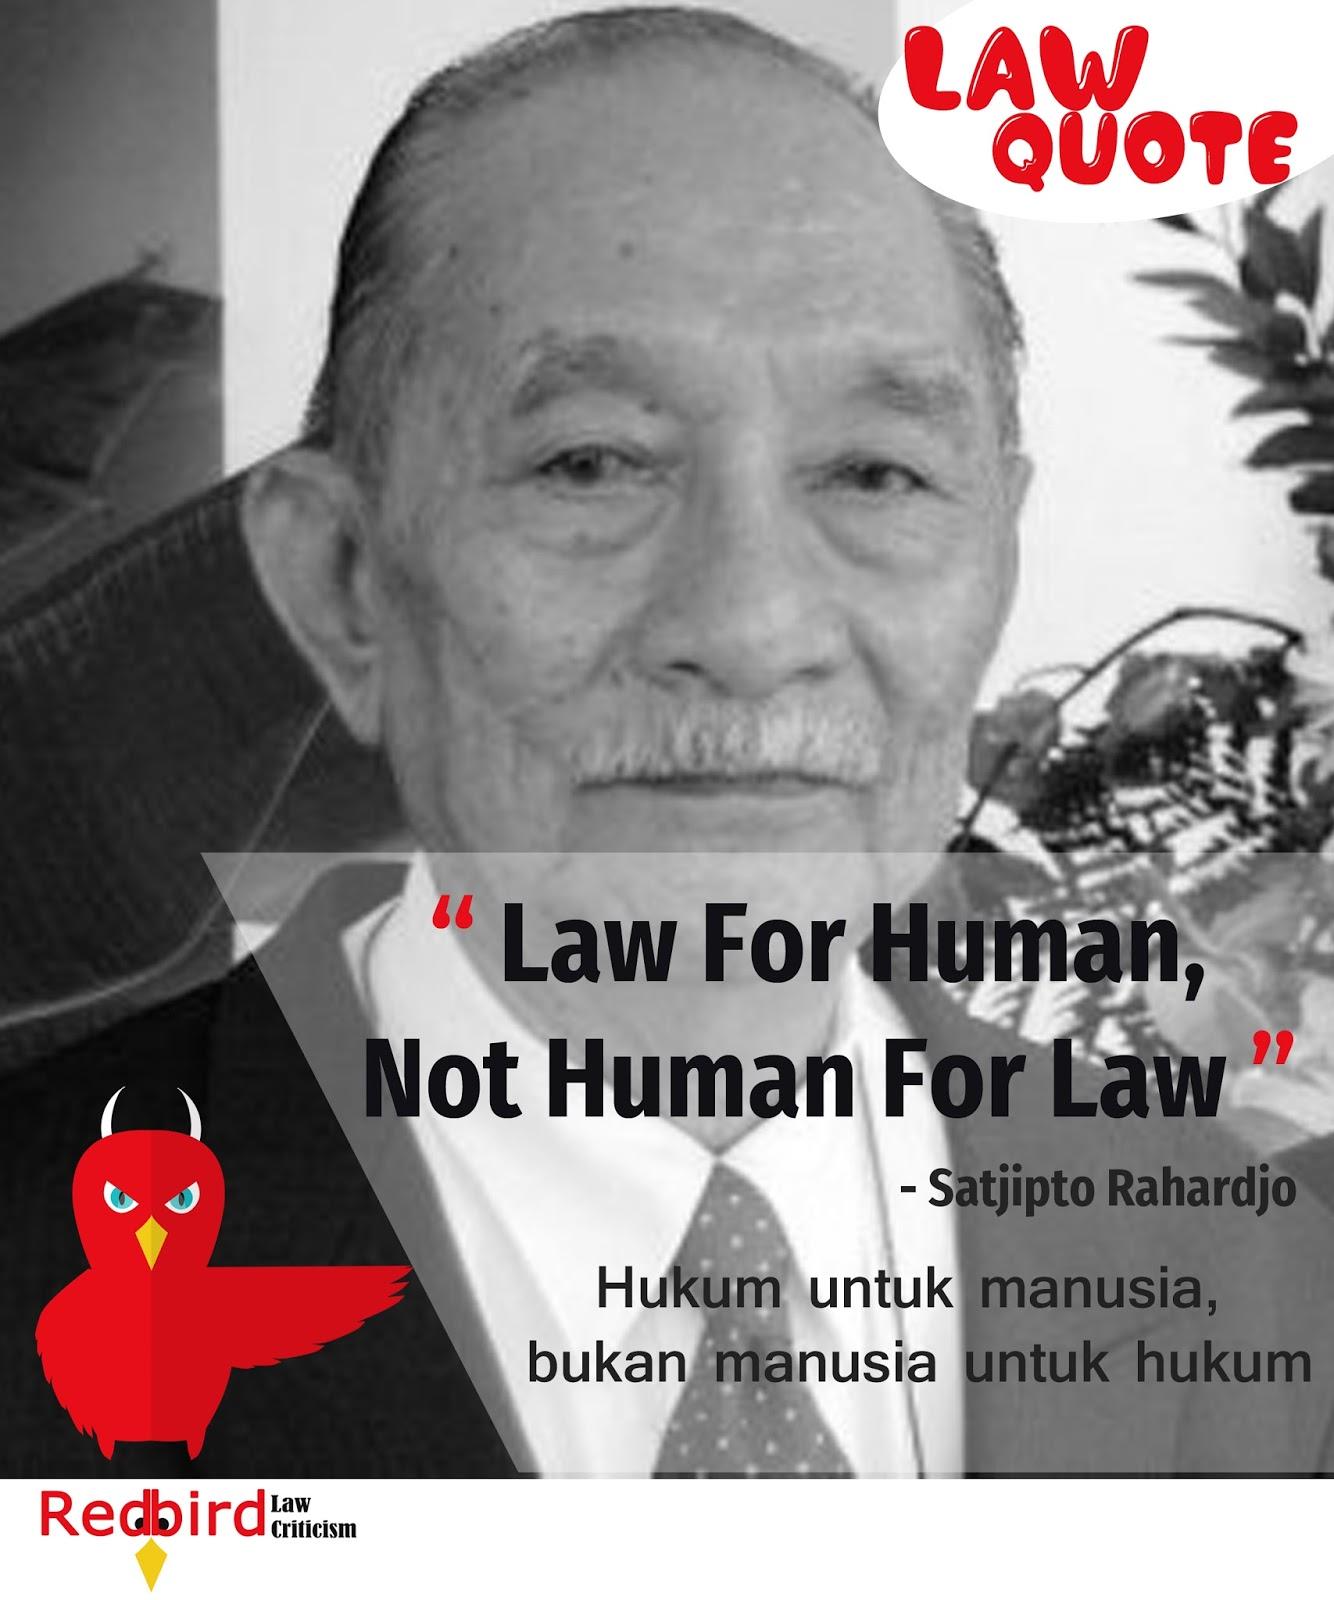 law enforcement law quote